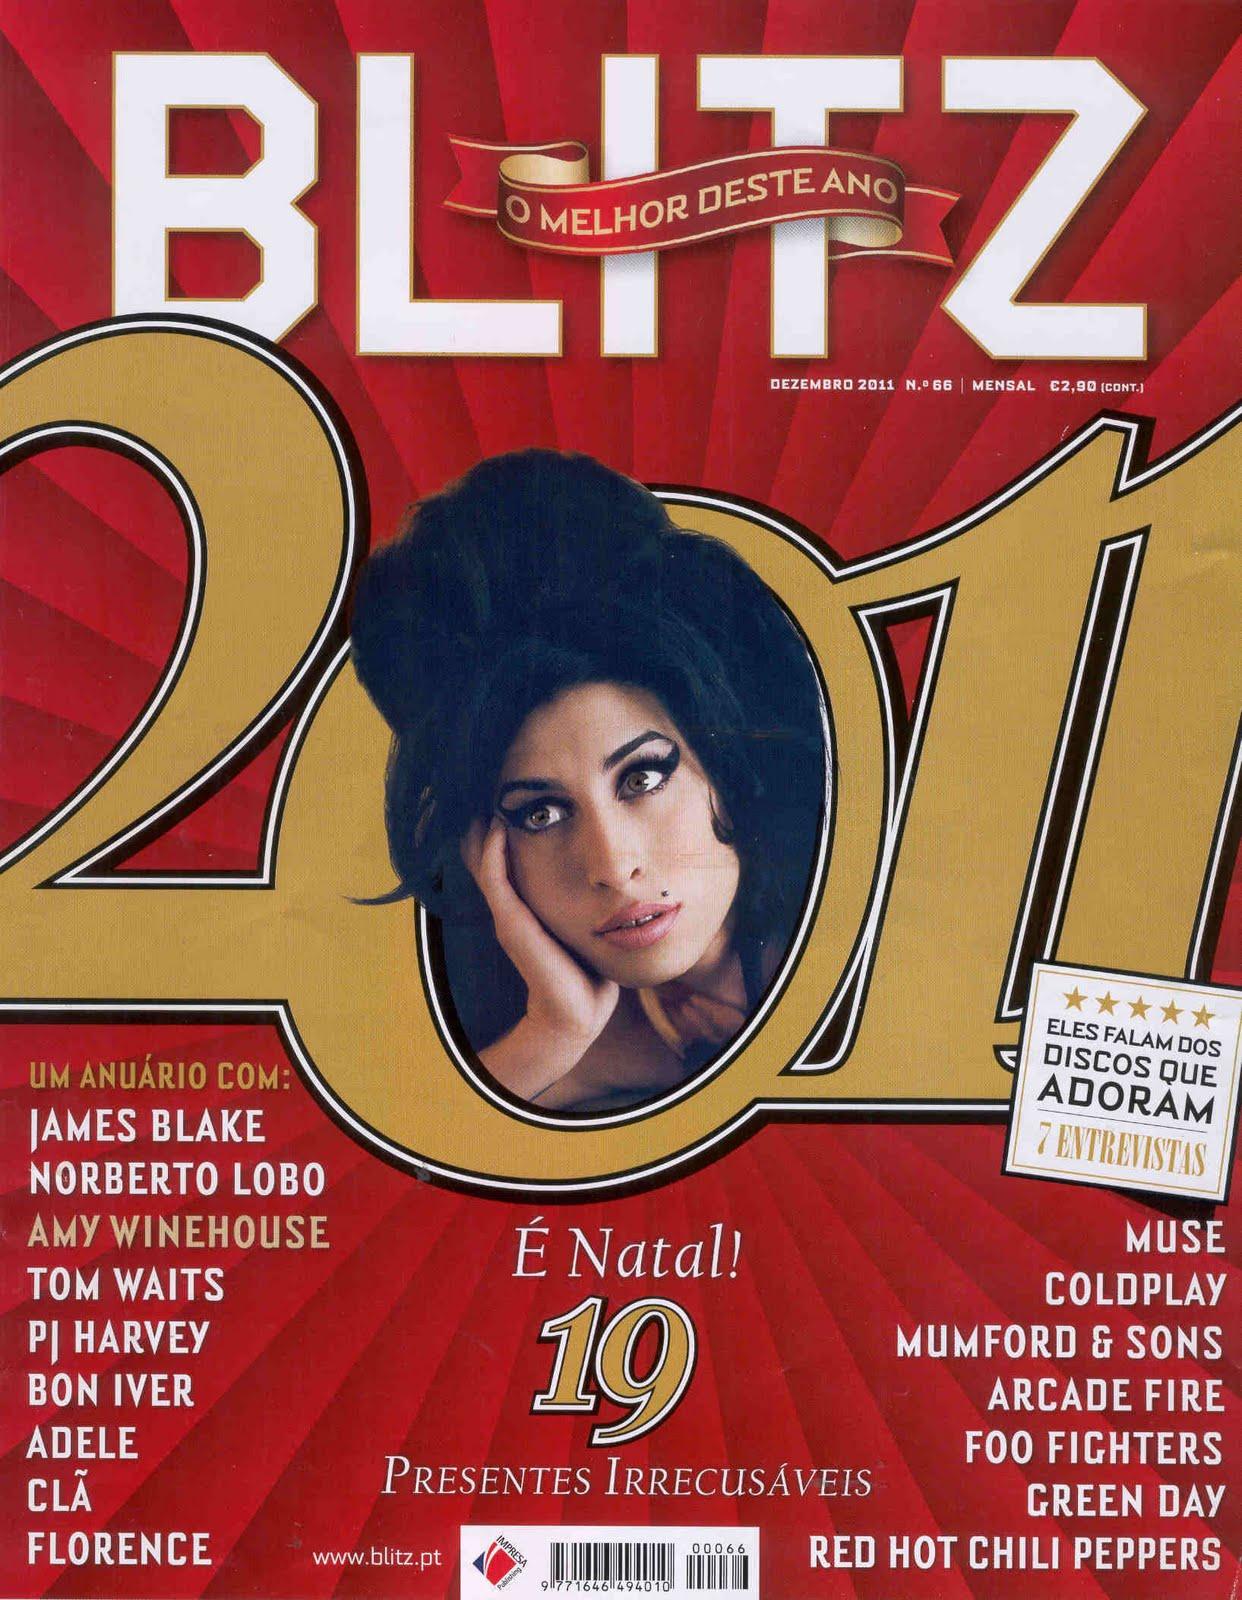 Os melhores discos de 2011 Blitz2011